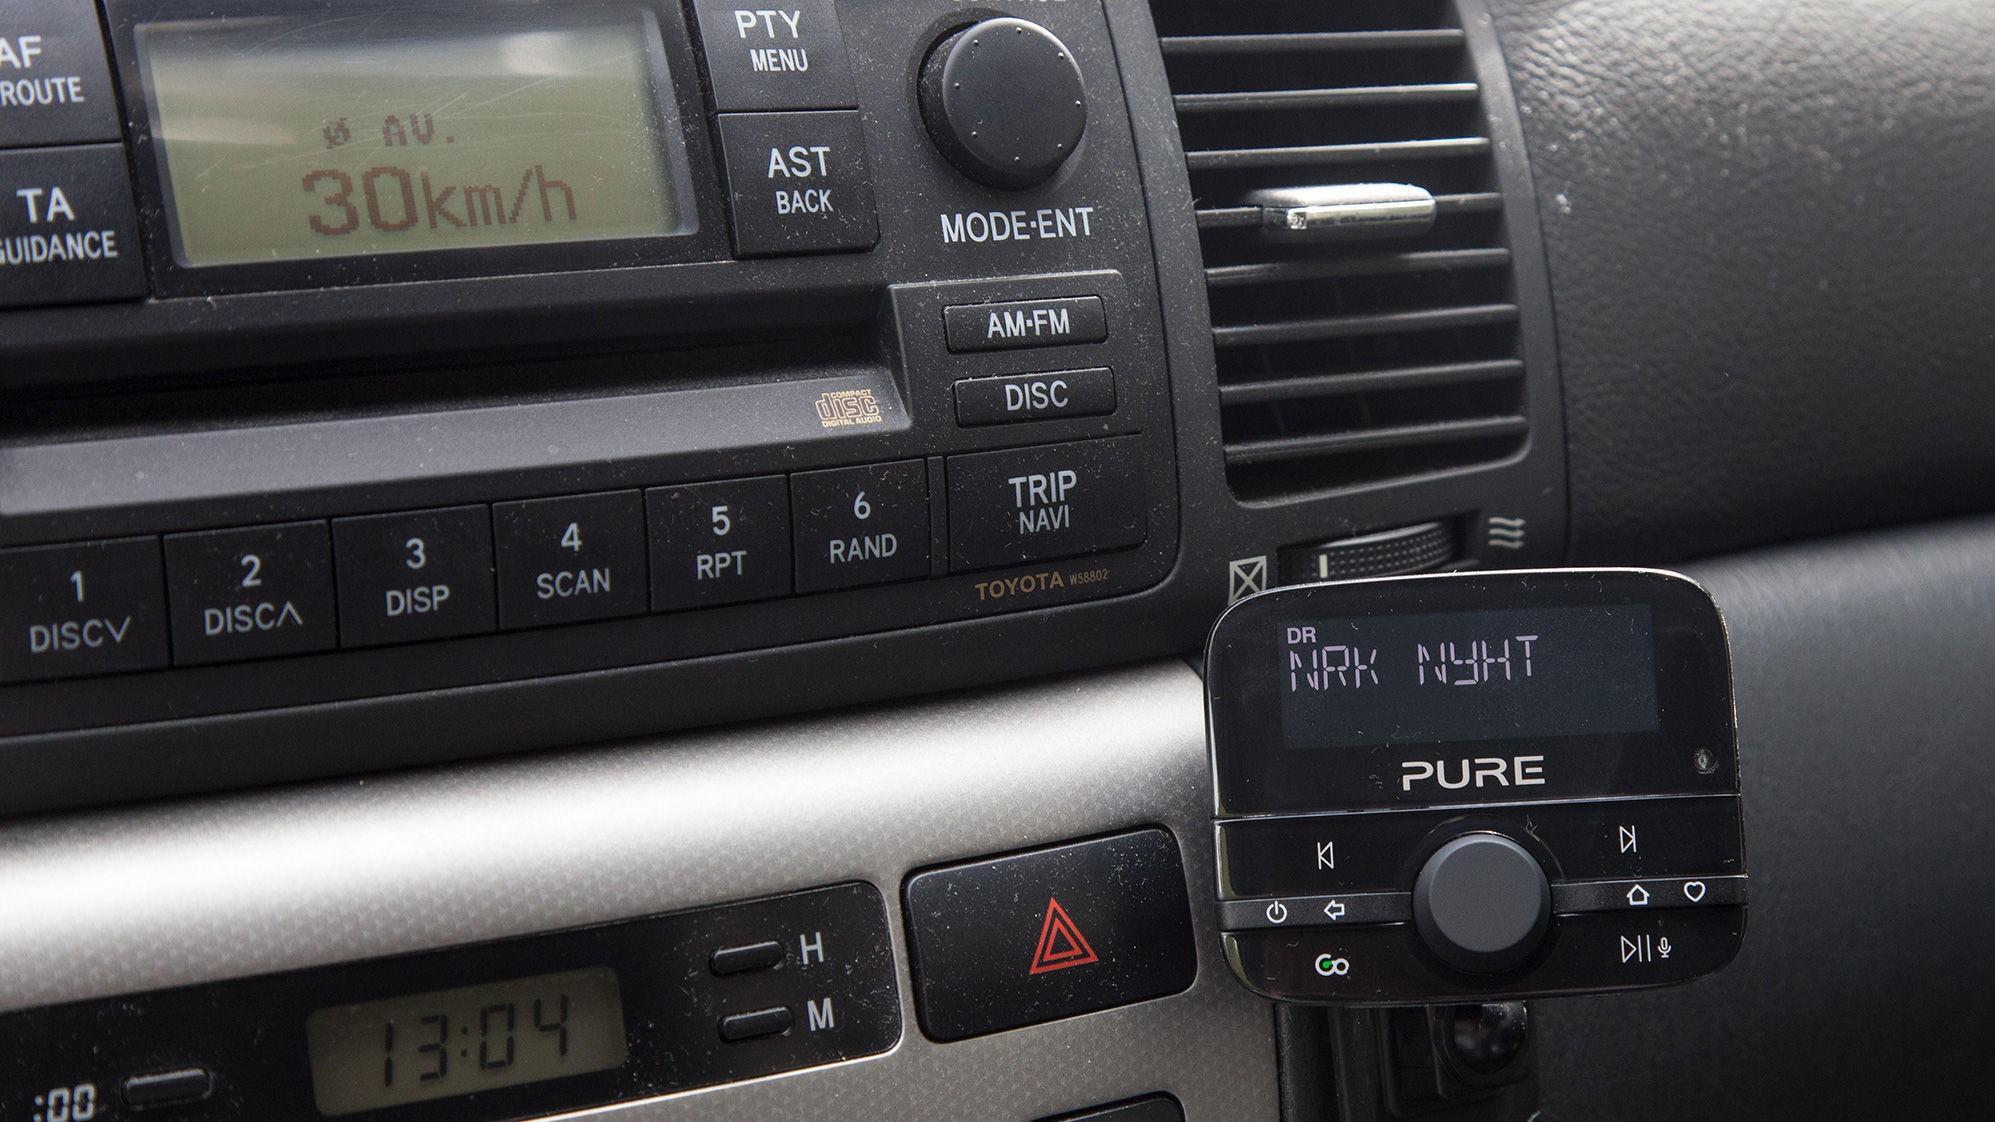 Ved å slukke FM-nettet, har 1 av 7 radiolyttere falt av i Nordland.